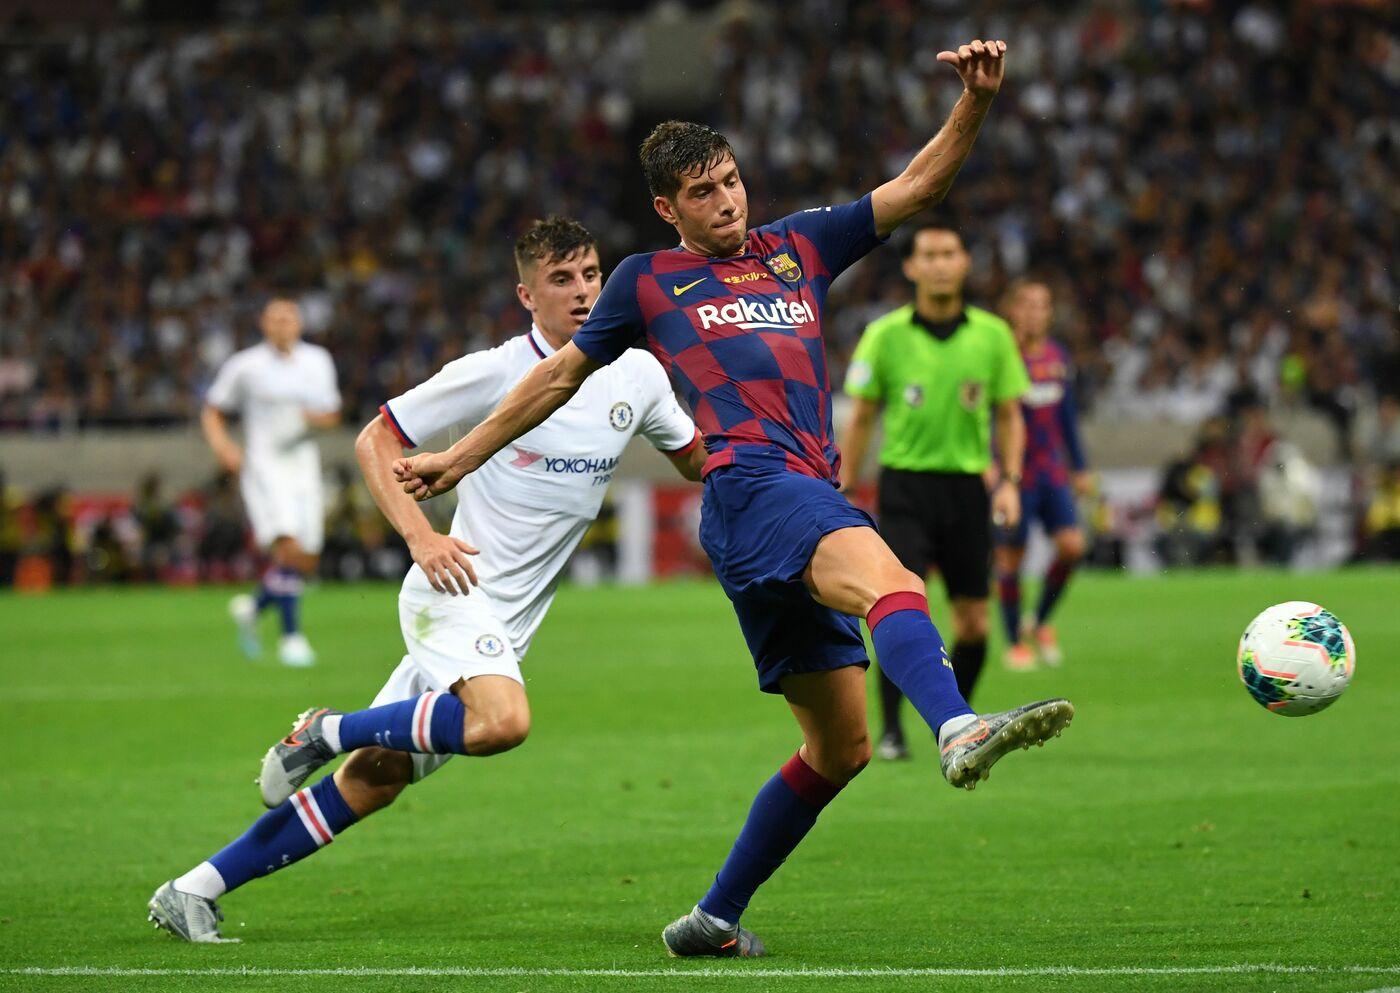 Il Barcellona vince la Rakuten Cup, battuto il Vissel Kobe di Iniesta e ...